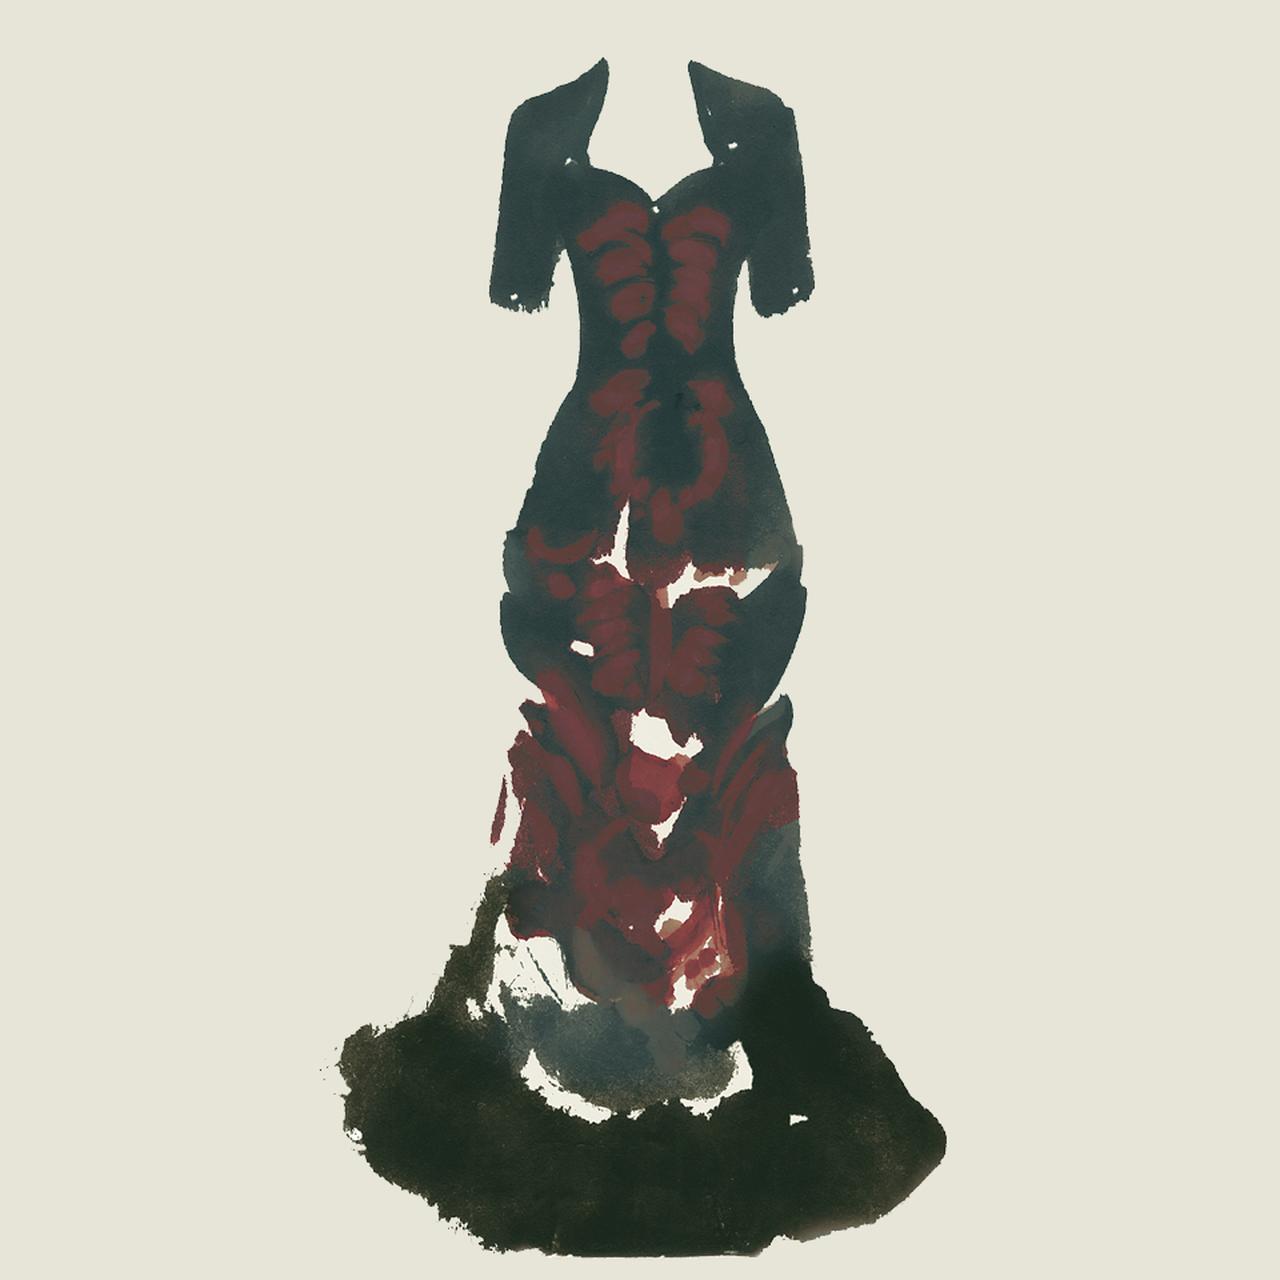 Images : 2番目の画像 - 「連載 Vol.1 コレクションは持ち主を語る。 グレン・クローズの衣装」のアルバム - T JAPAN:The New York Times Style Magazine 公式サイト